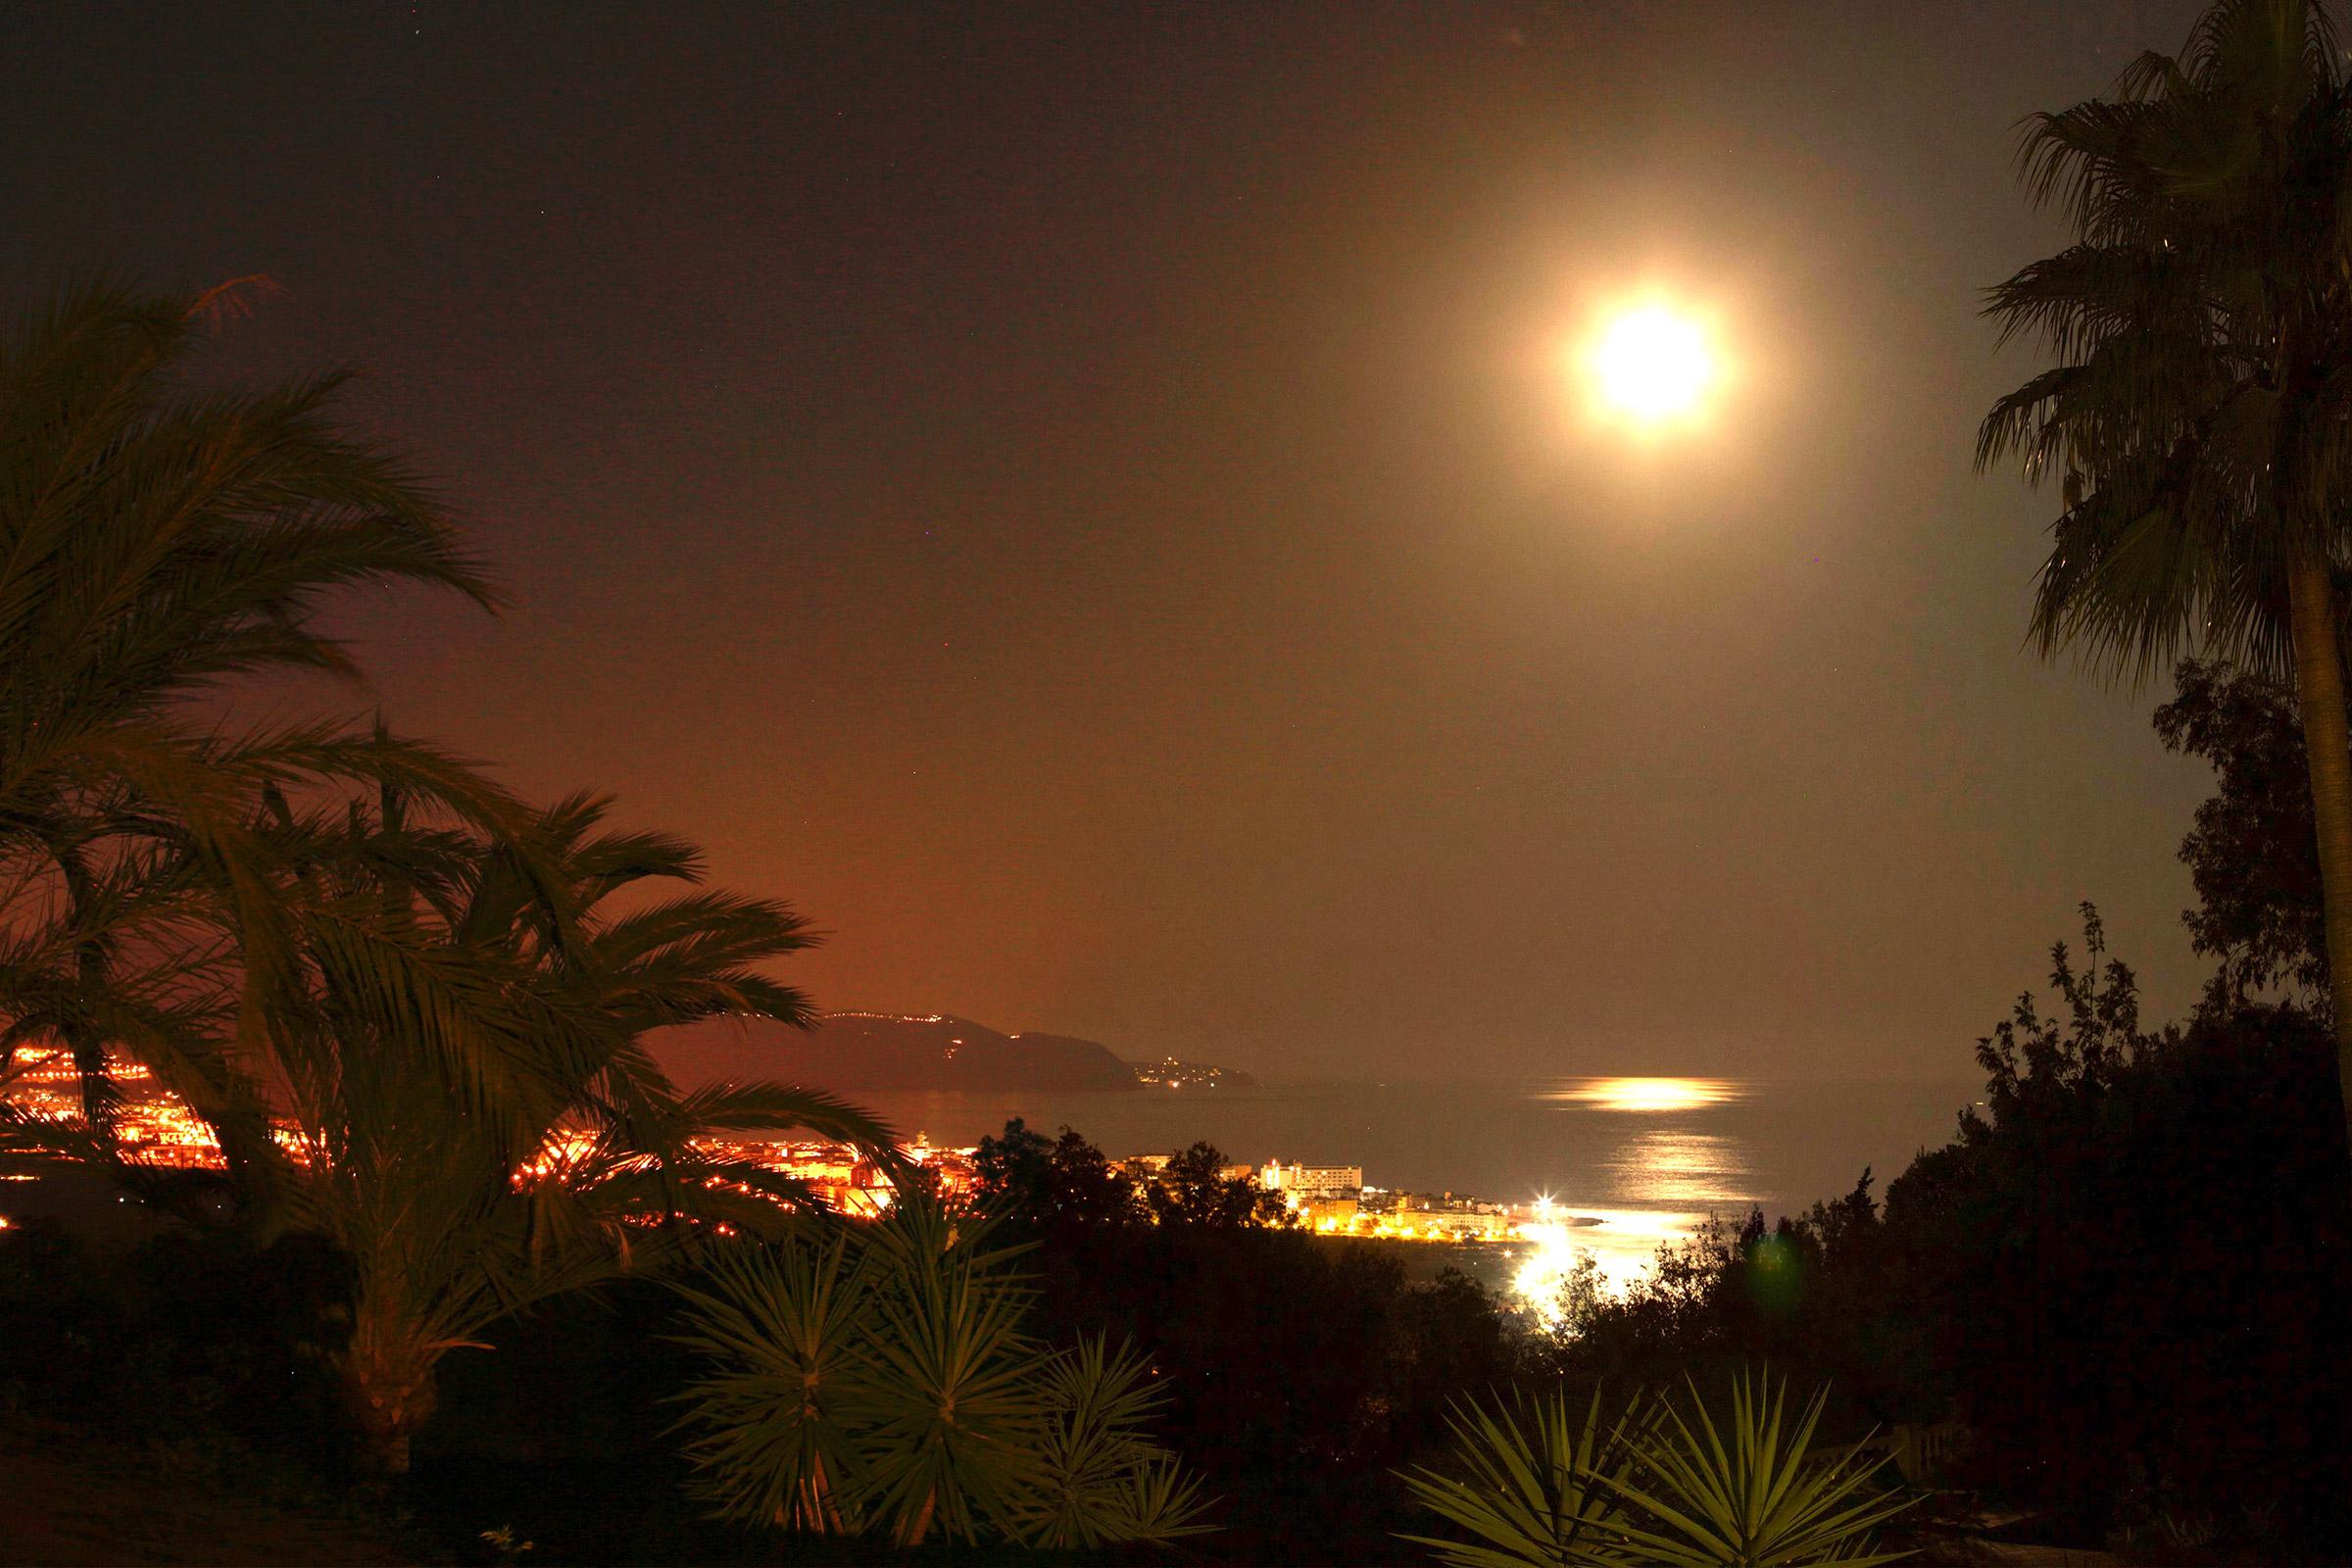 esta noche es luna llena